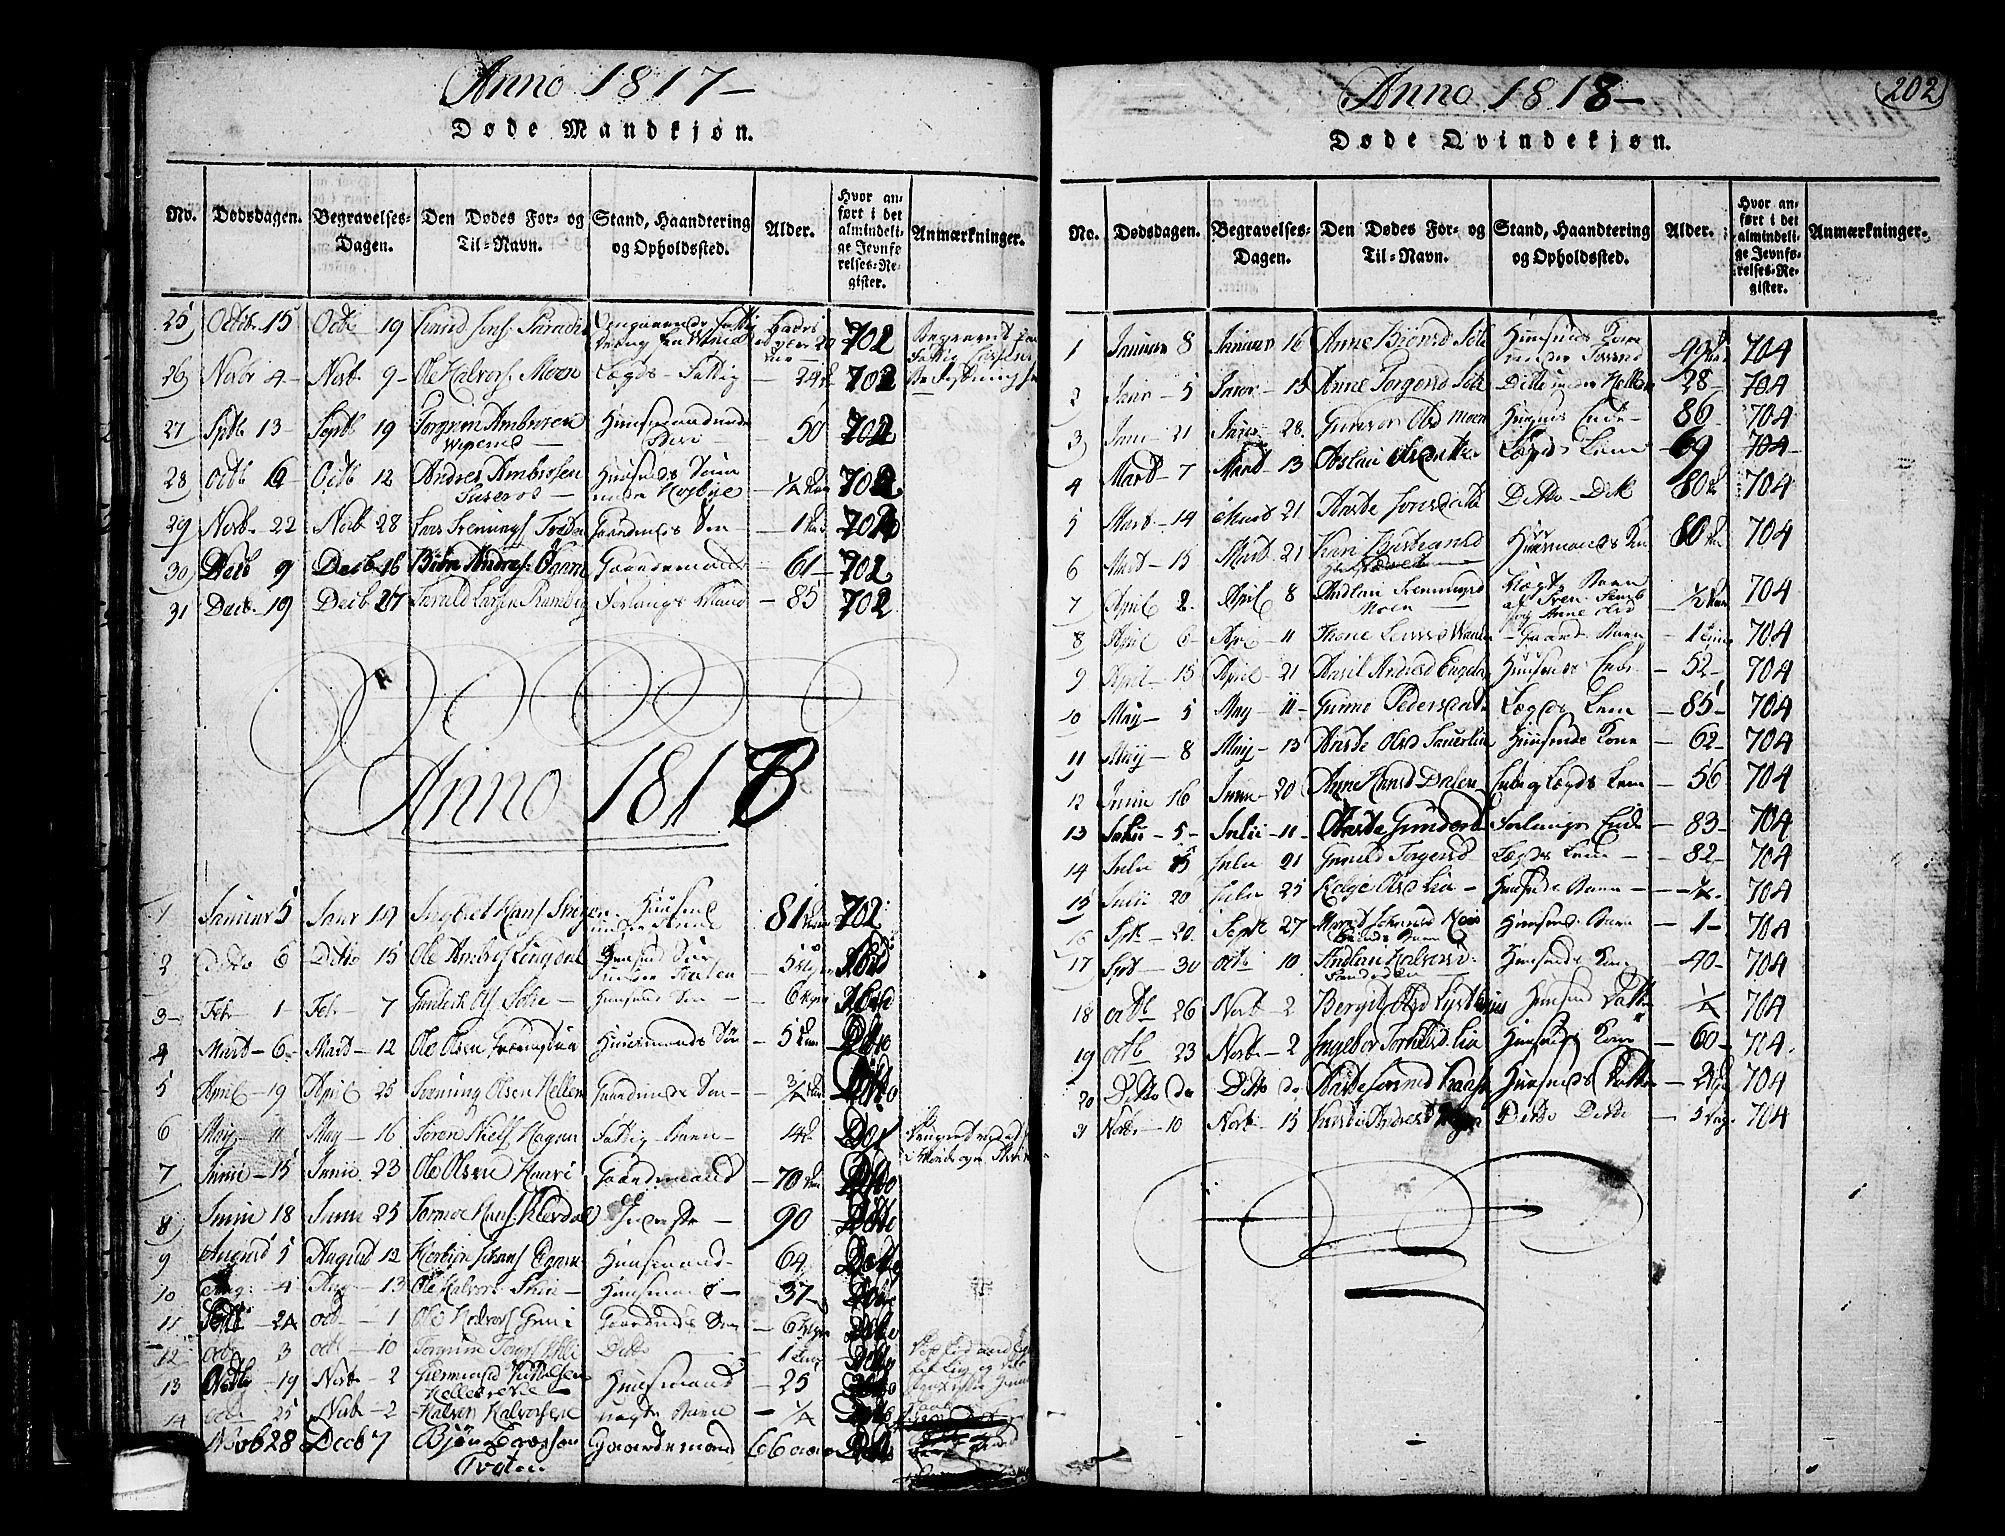 SAKO, Heddal kirkebøker, F/Fa/L0005: Ministerialbok nr. I 5, 1814-1837, s. 201-202